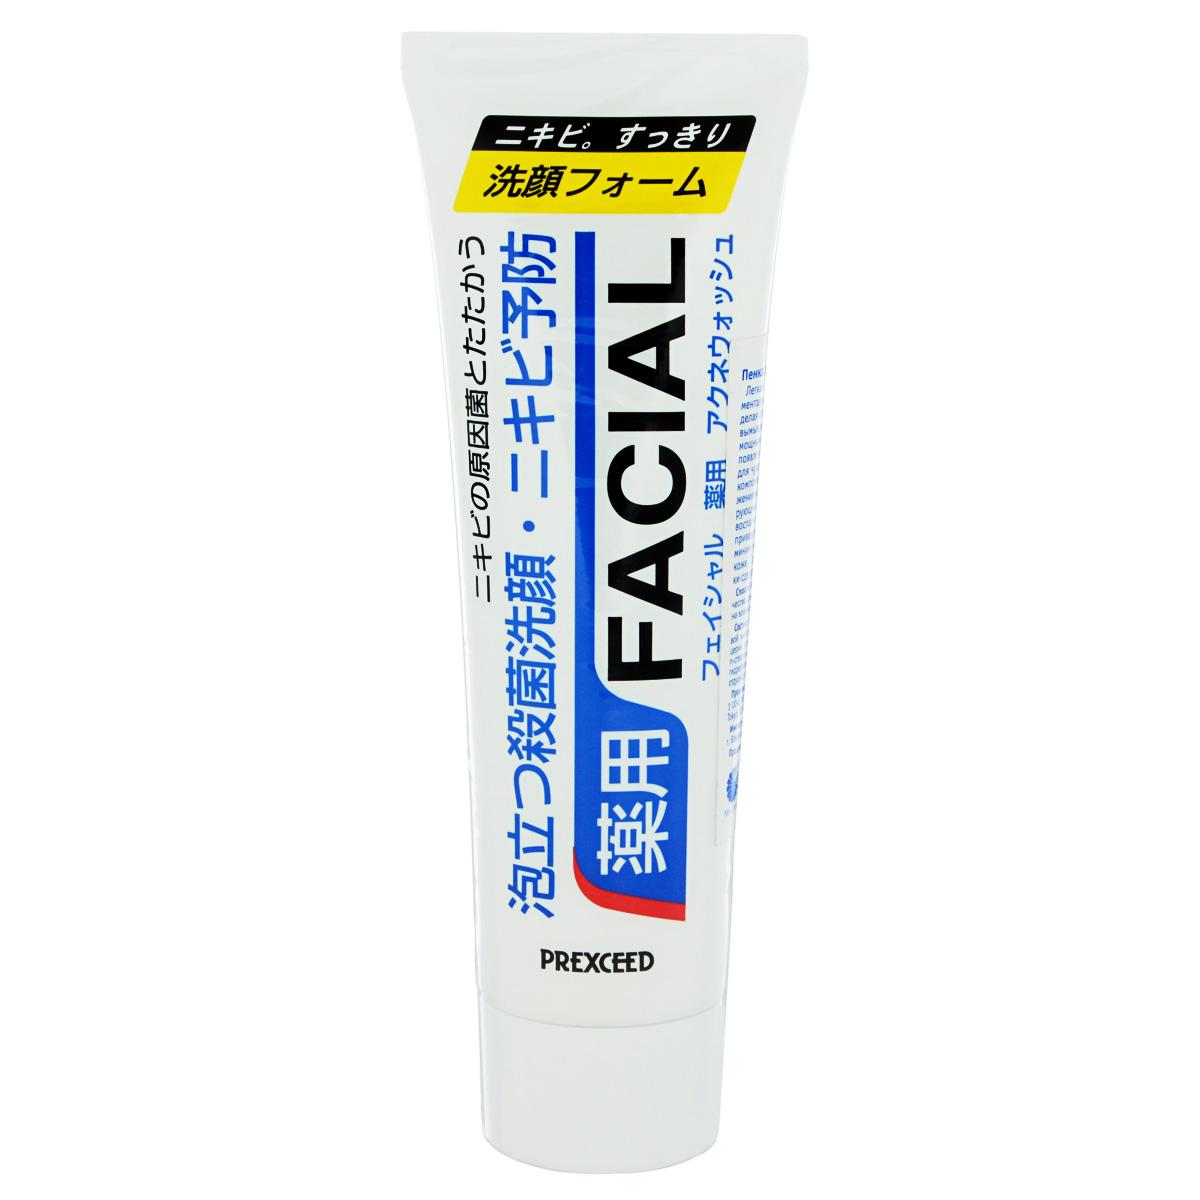 Yanagiya Пенка для умывания для проблемной кожи 140гC05482Легкая пенка обладает невероятной силой! Моментально вытягивает из глубины пор загрязнения, делая кожу светлой и чистой. Мягко, но без остатка вымывая частички пыли из кожи, пенка обладает мощным антибактериальным эффектом, препятствуя появлению черных точек. Пенка идеально подойдет для чувствительной и раздраженной кожи, так как компоненты средства помогут справиться с раздражениями. Мятное масло, ментол - обладает стимулирующим и тонизирующим воздействием. Противовоспалительное действие мятного масло постепенно приведет к заживлению старых ранок и сведет к минимуму пояление новых угрей и гнойничков на коже. Противомикробный компонент в составе пенки сделает вашу кожу чистой и здоровой.